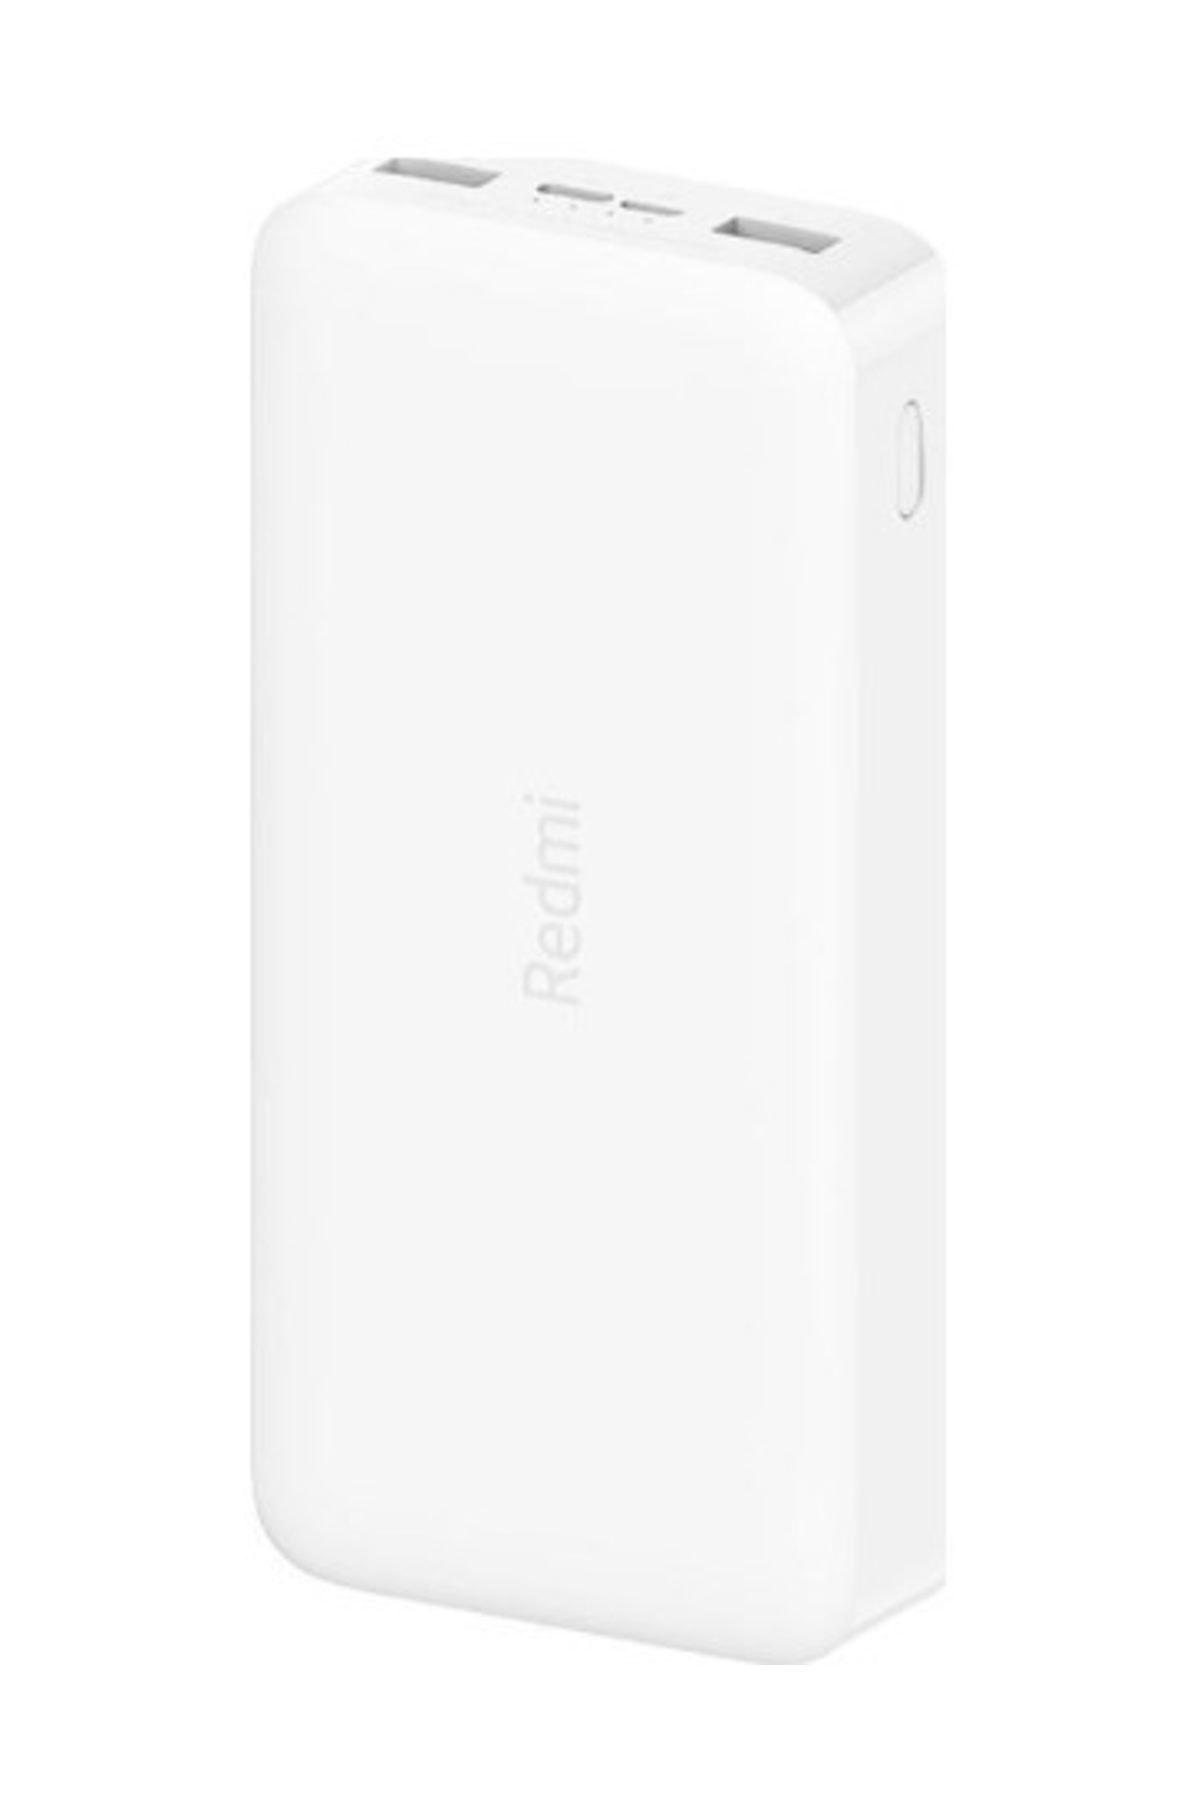 Xiaomi Redmi 20000 Mah Taşınabilir Hızlı Şarj Cihazı